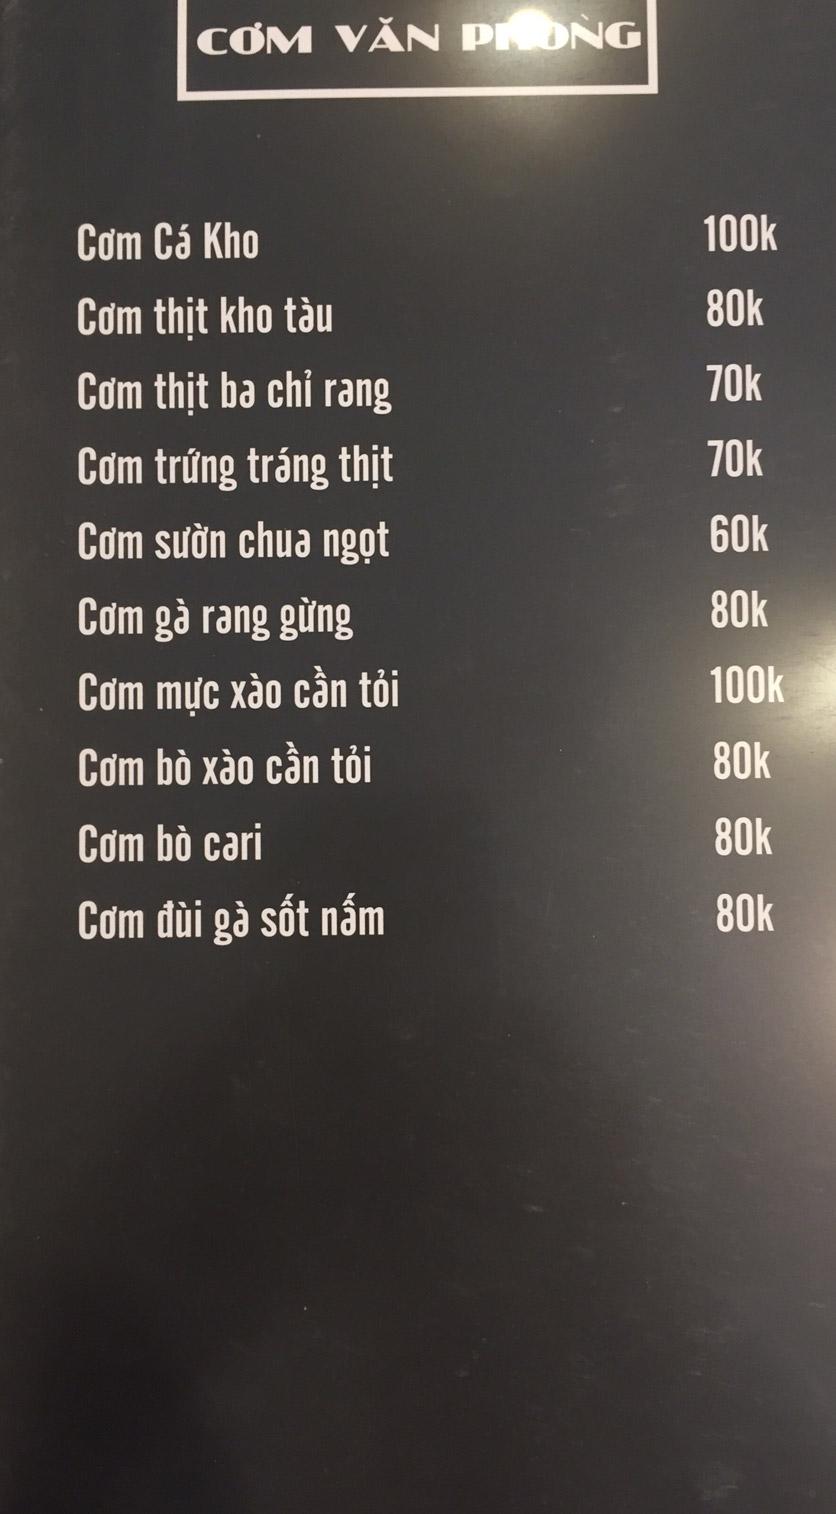 Menu Lam Huyền - Đặc sản lẩu hơi nồi đá - Hoàng Quốc Việt  9